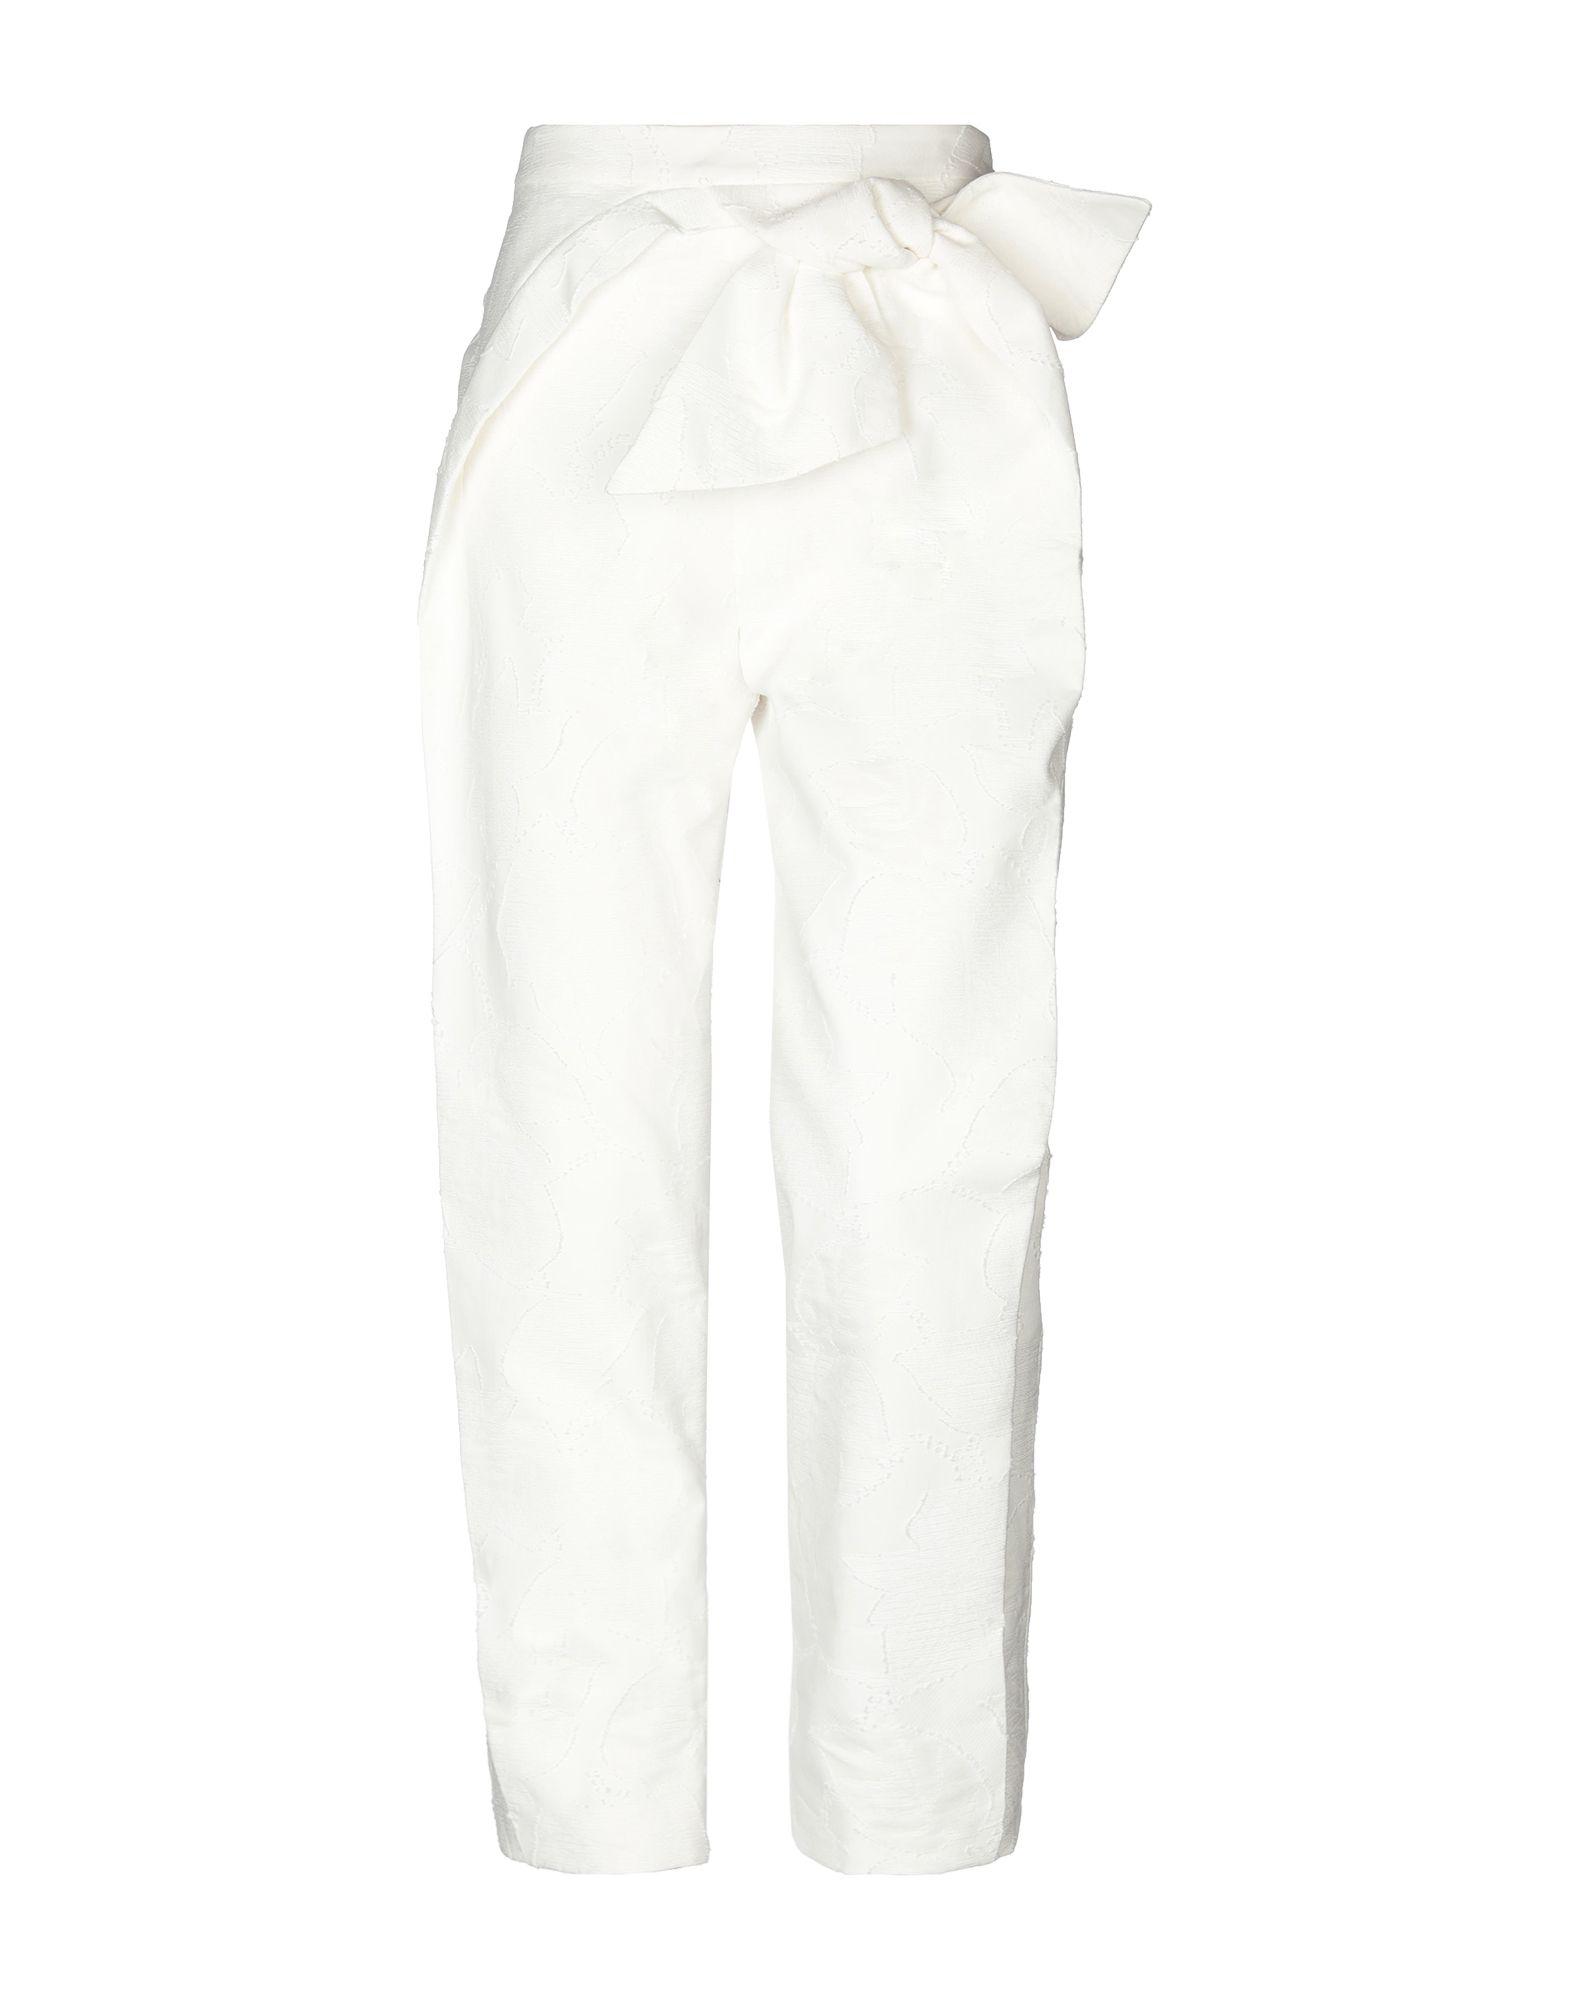 《送料無料》DELPOZO レディース パンツ ホワイト 40 コットン 100%